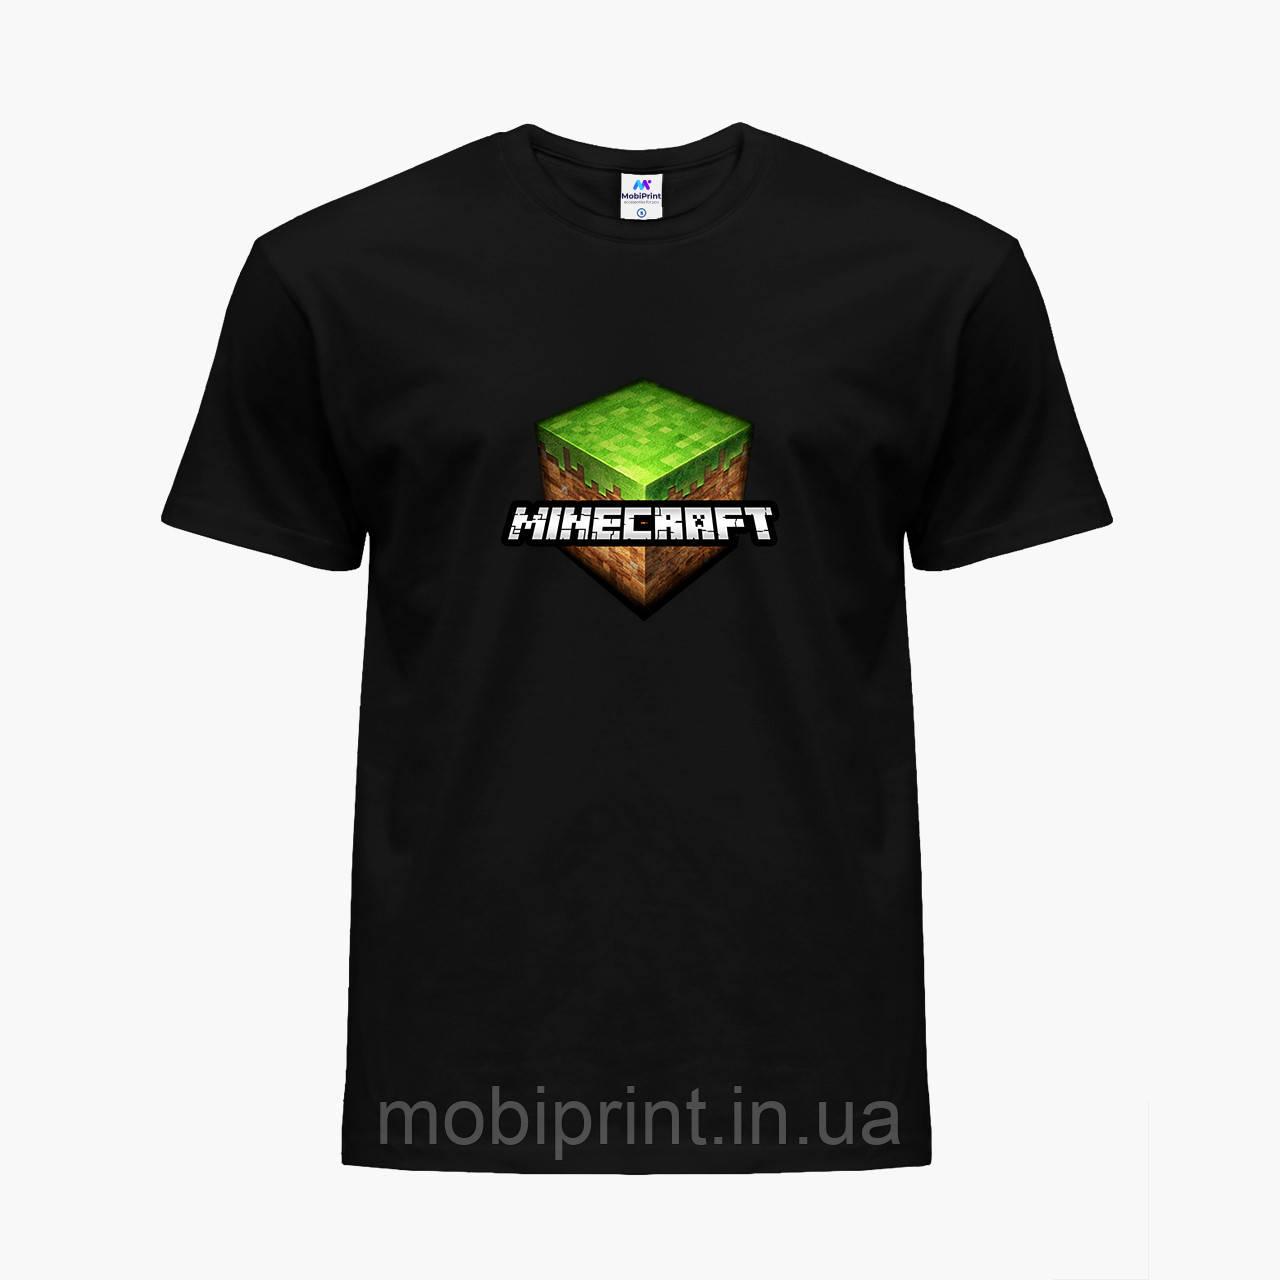 Детская футболка для мальчиков Майнкрафт (Minecraft) (25186-1174) Черный